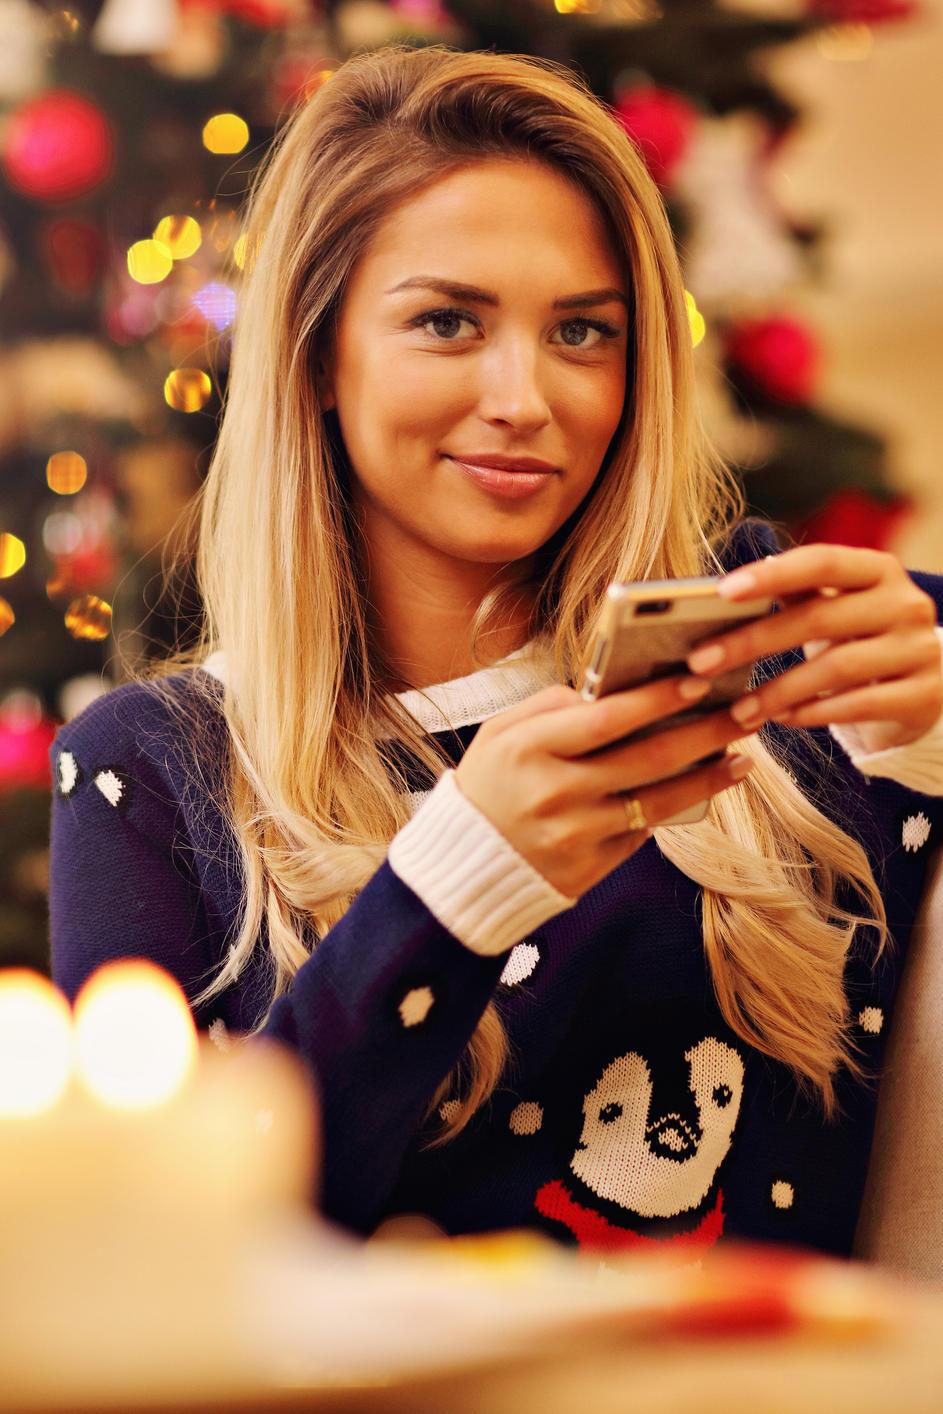 Weihnachtssprüche De.Die Schönsten Weihnachtssprüche Für Ihre Whatsapp Nachricht